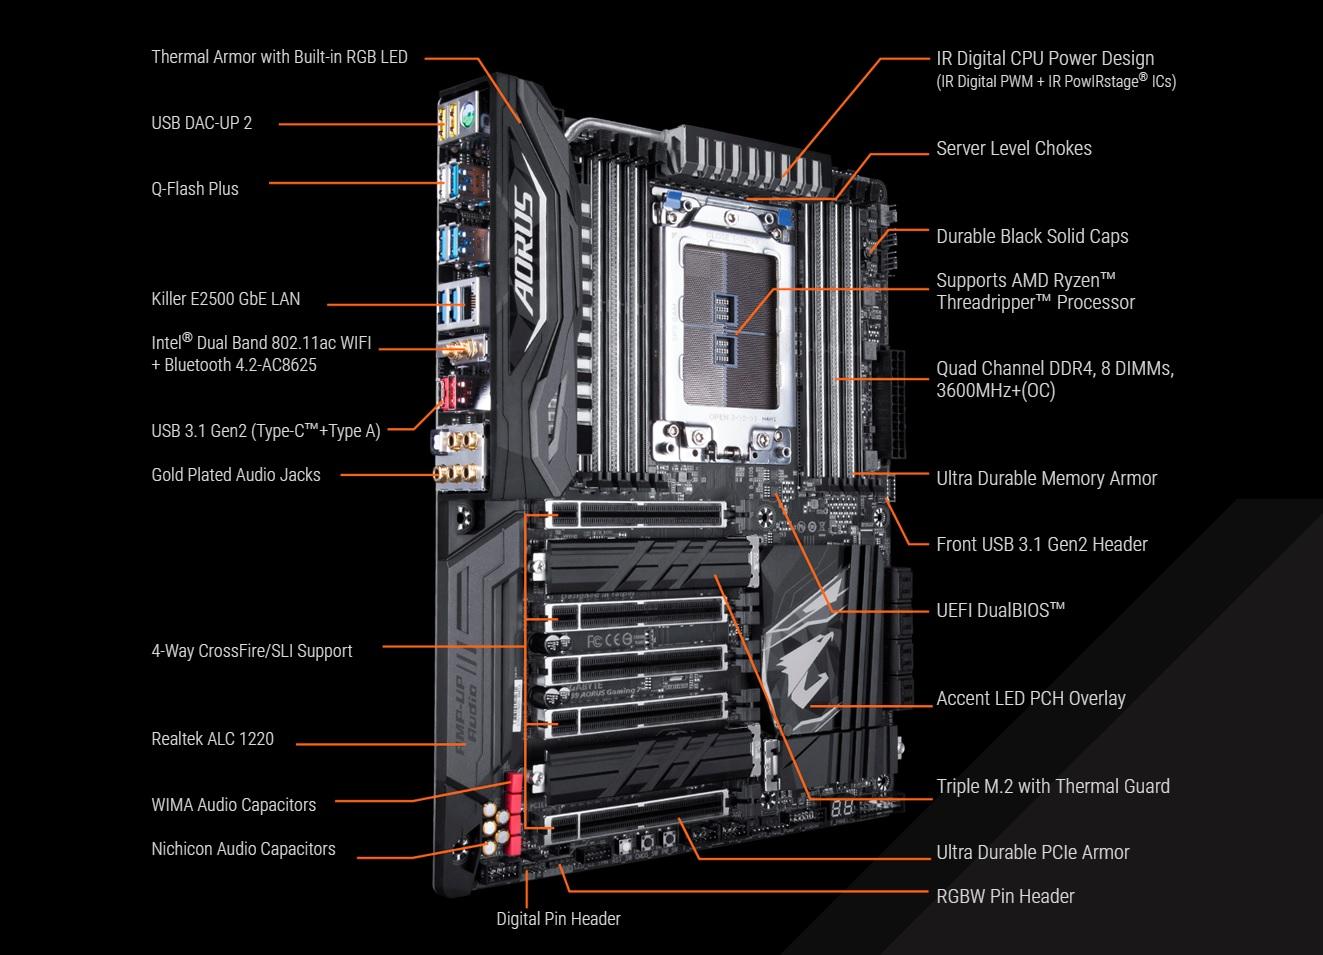 GIGABYTE presenta su nueva placa base X399 AORUS Gaming 7 33